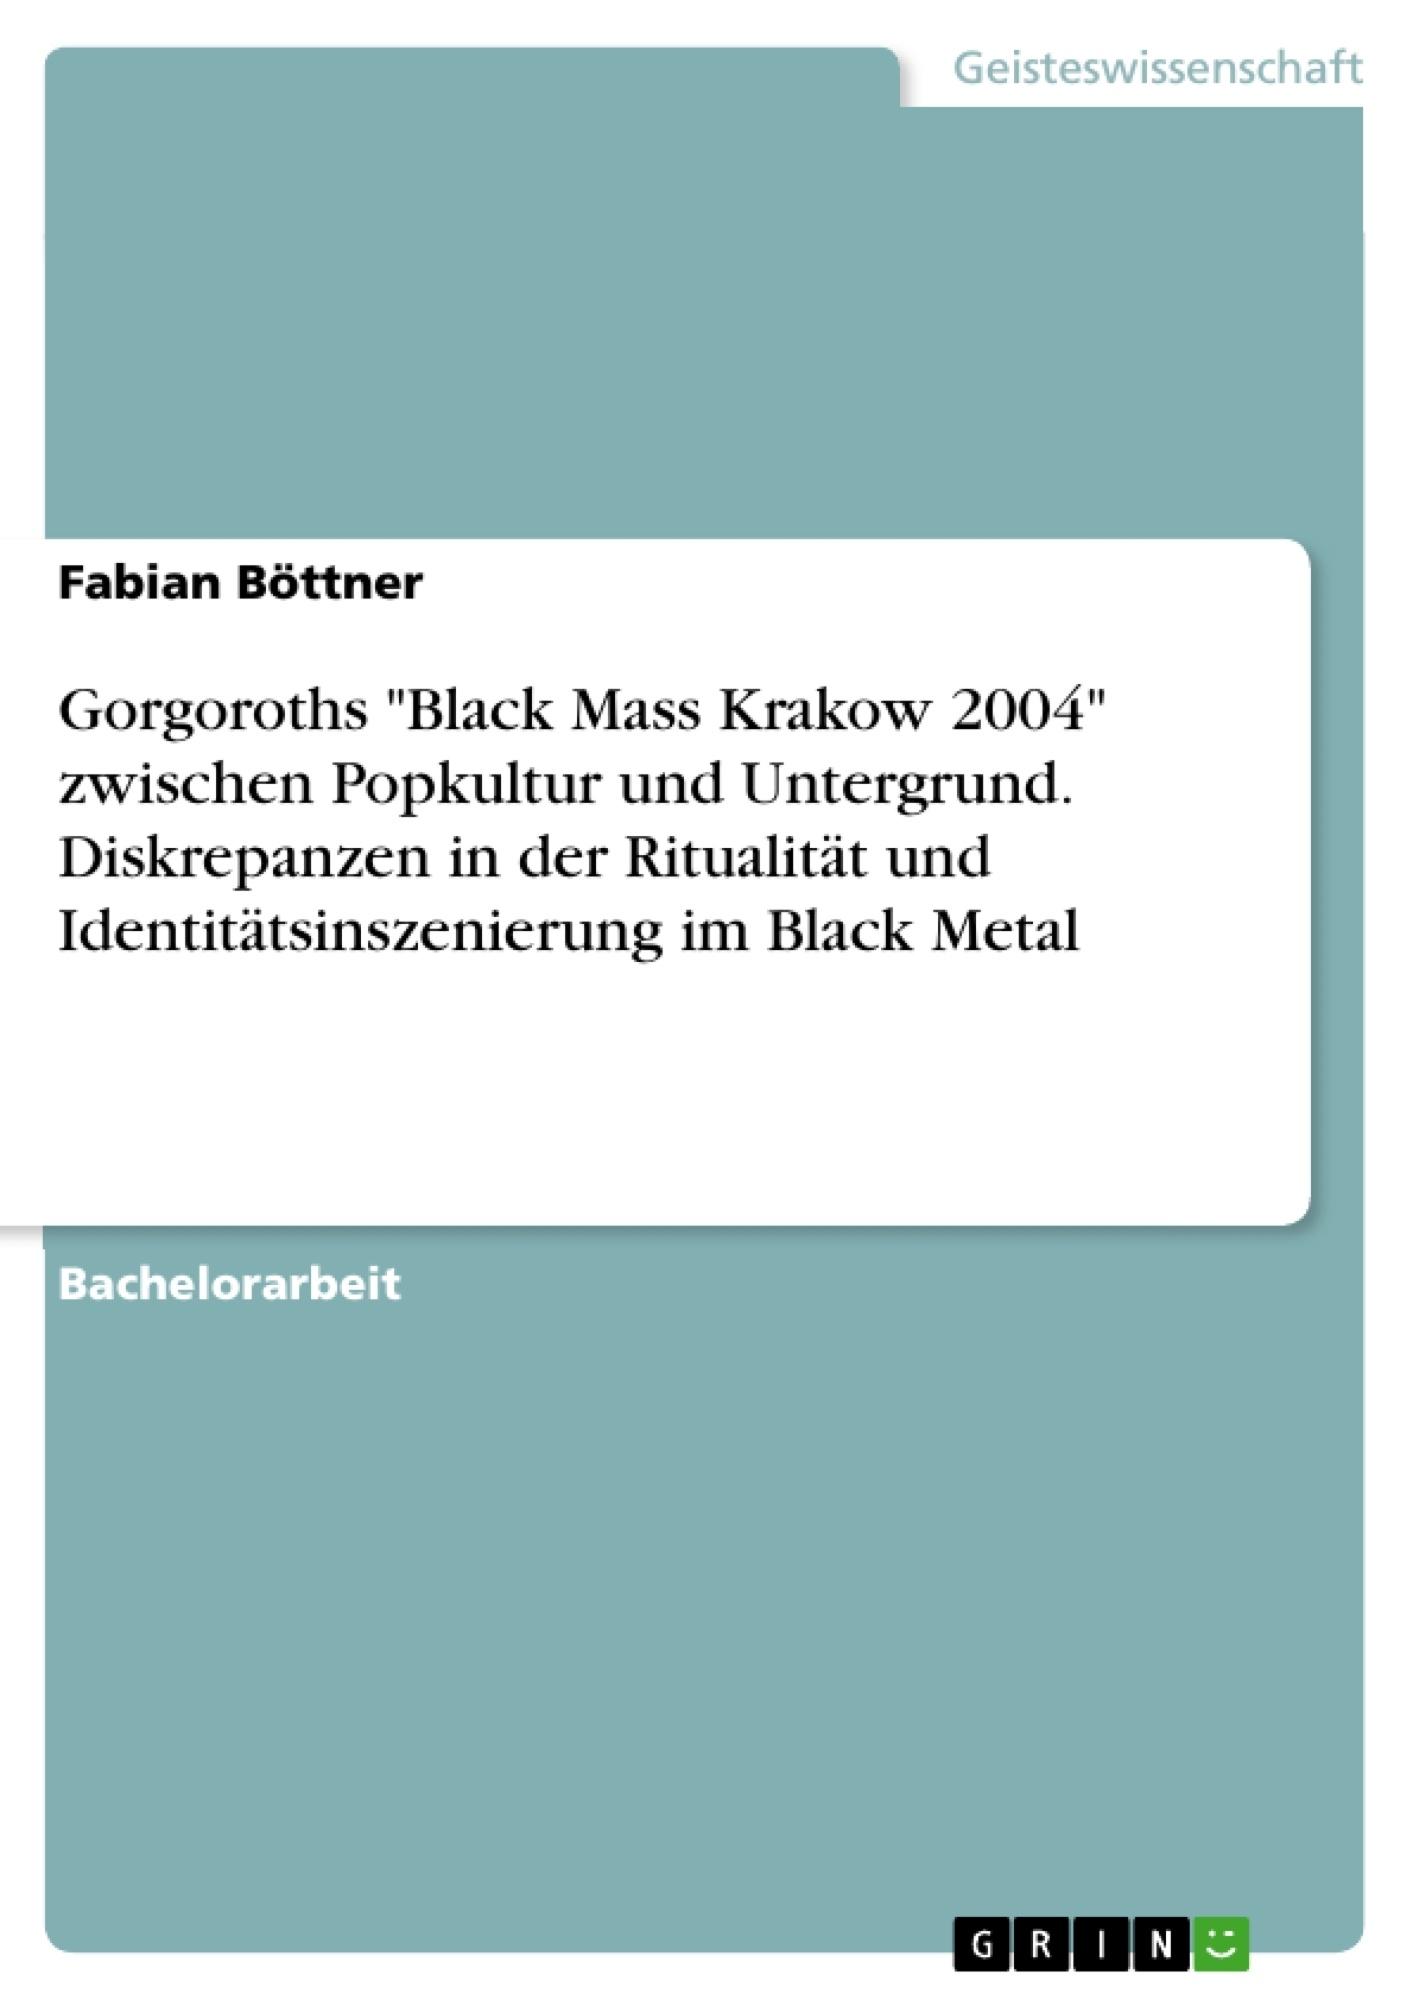 """Titel: Gorgoroths """"Black Mass Krakow 2004"""" zwischen Popkultur und Untergrund. Diskrepanzen in der Ritualität und Identitätsinszenierung im Black Metal"""